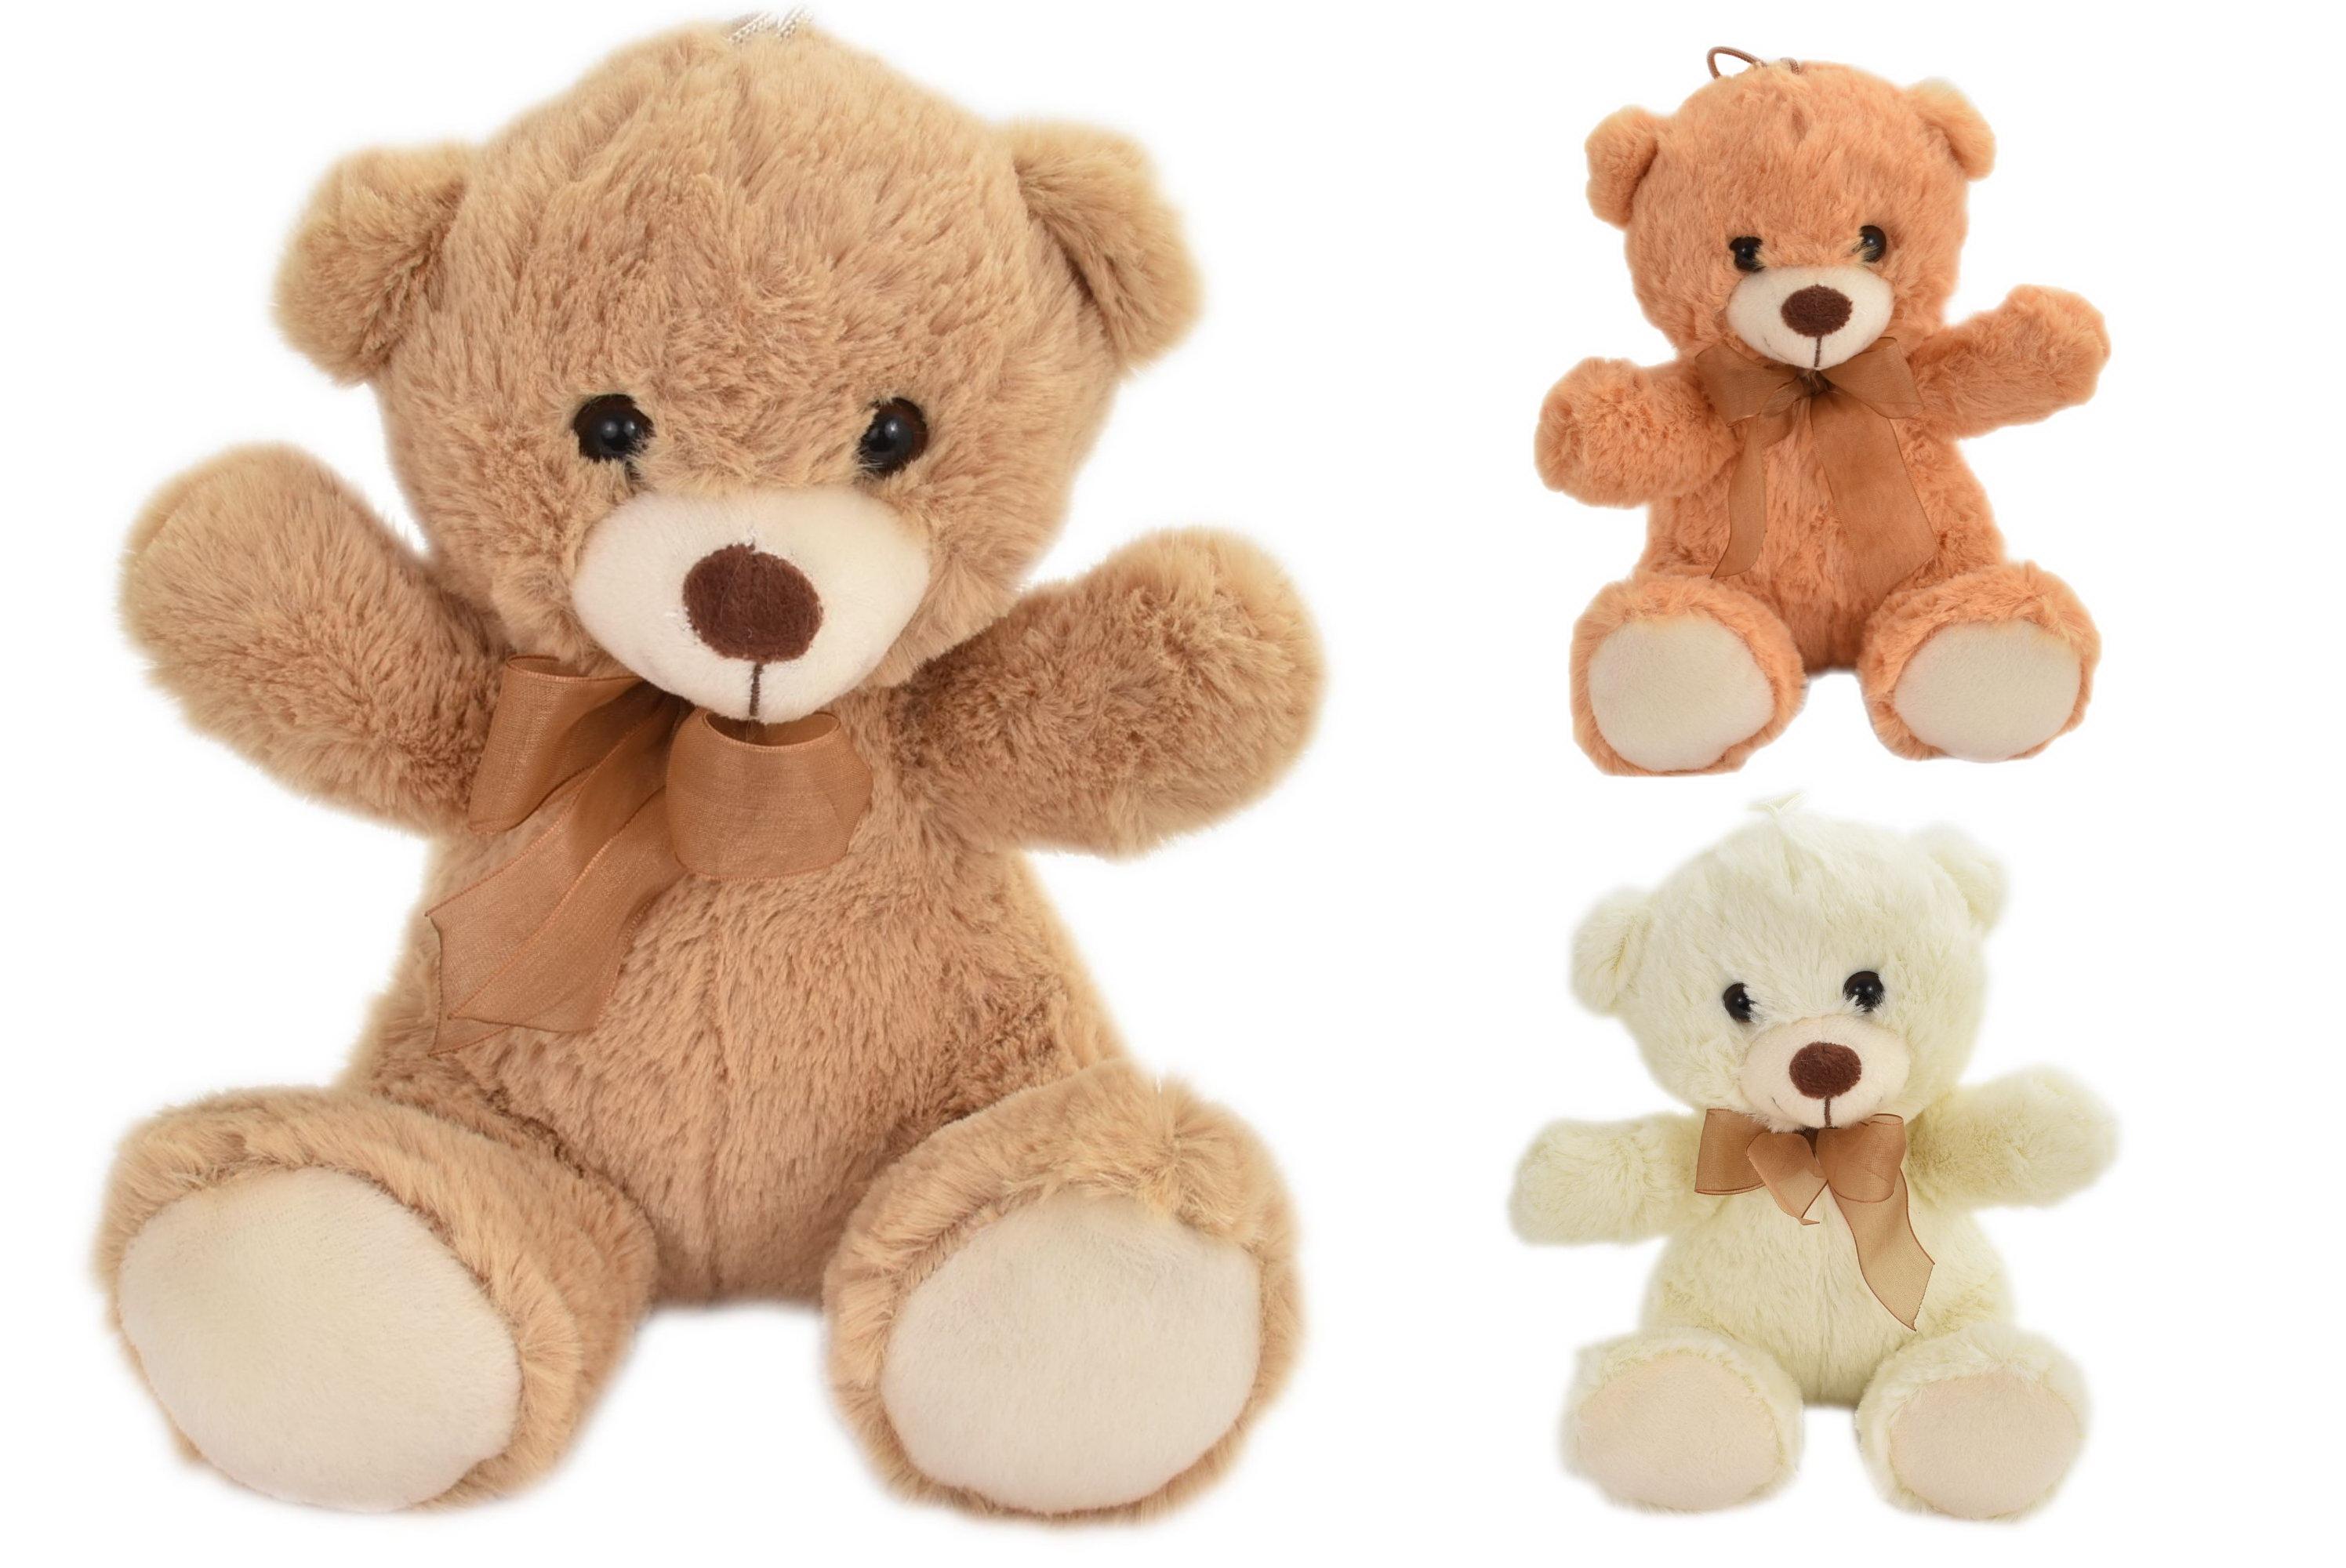 20cm Plush Teddy Bears - 3 Assorted Colours